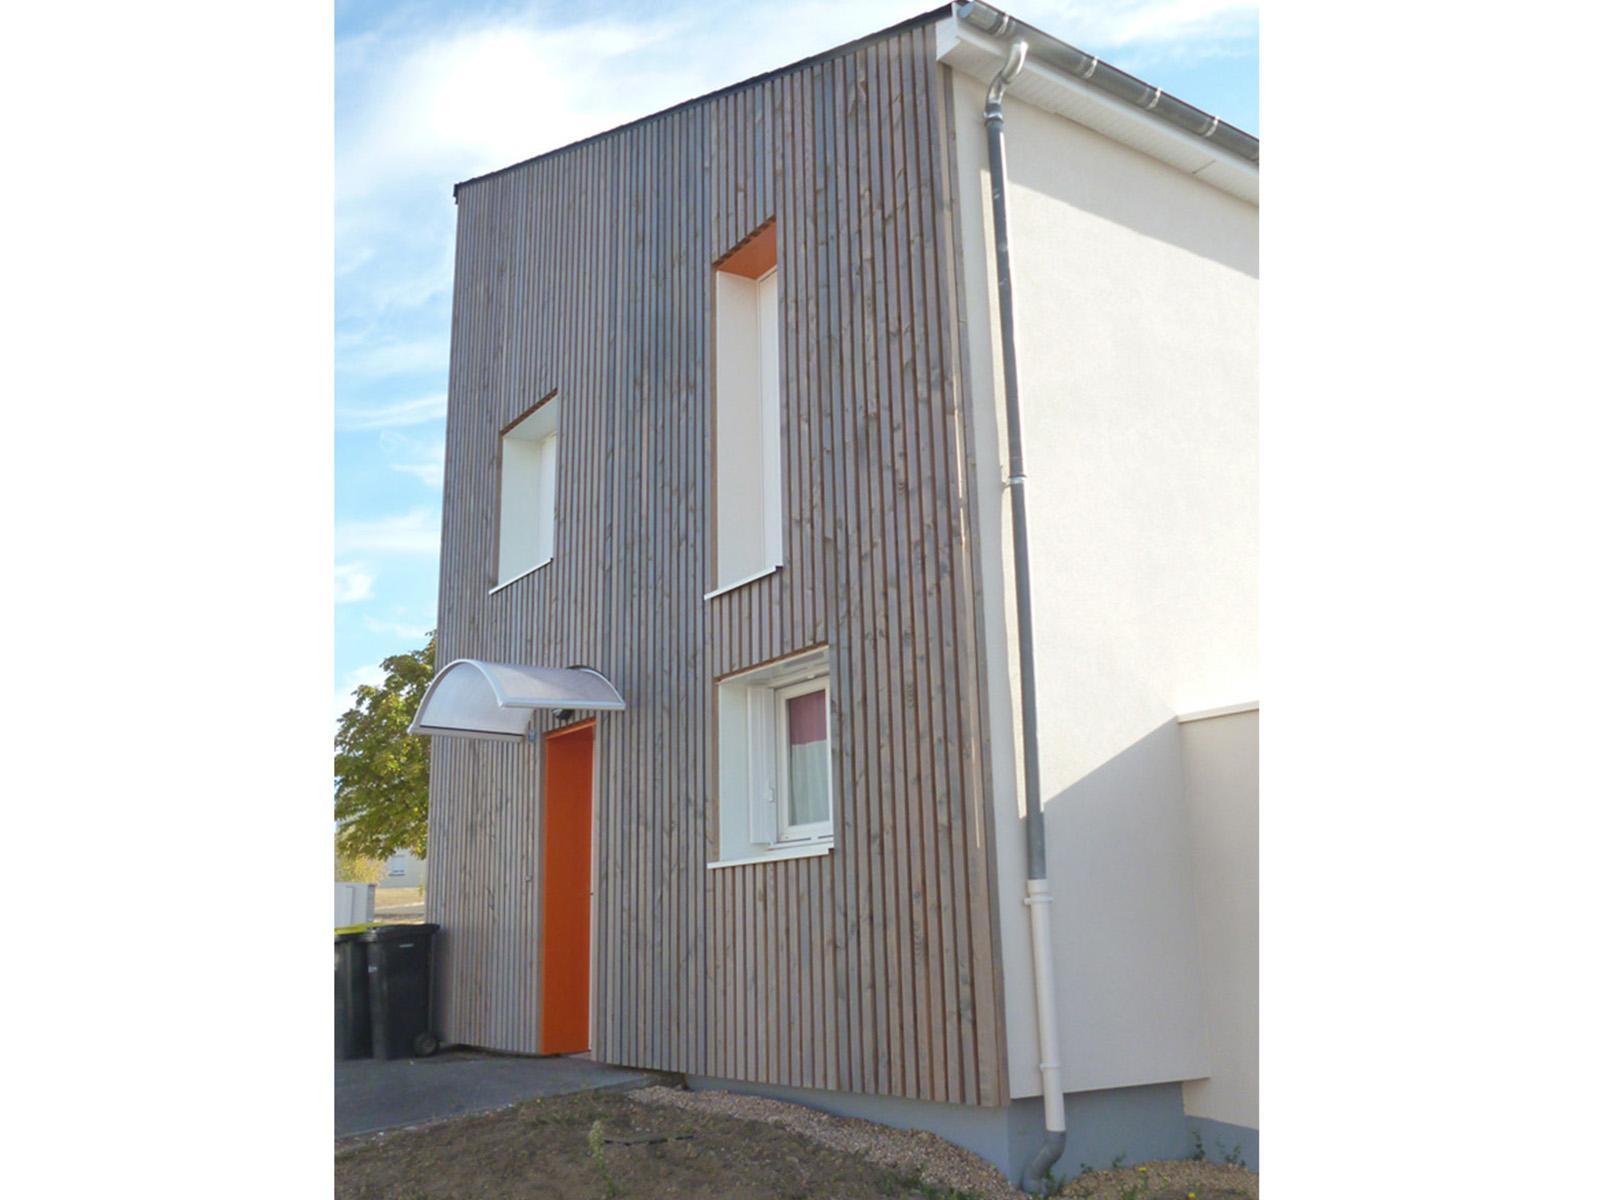 SH-chateau-du-loir-C2V-architectes